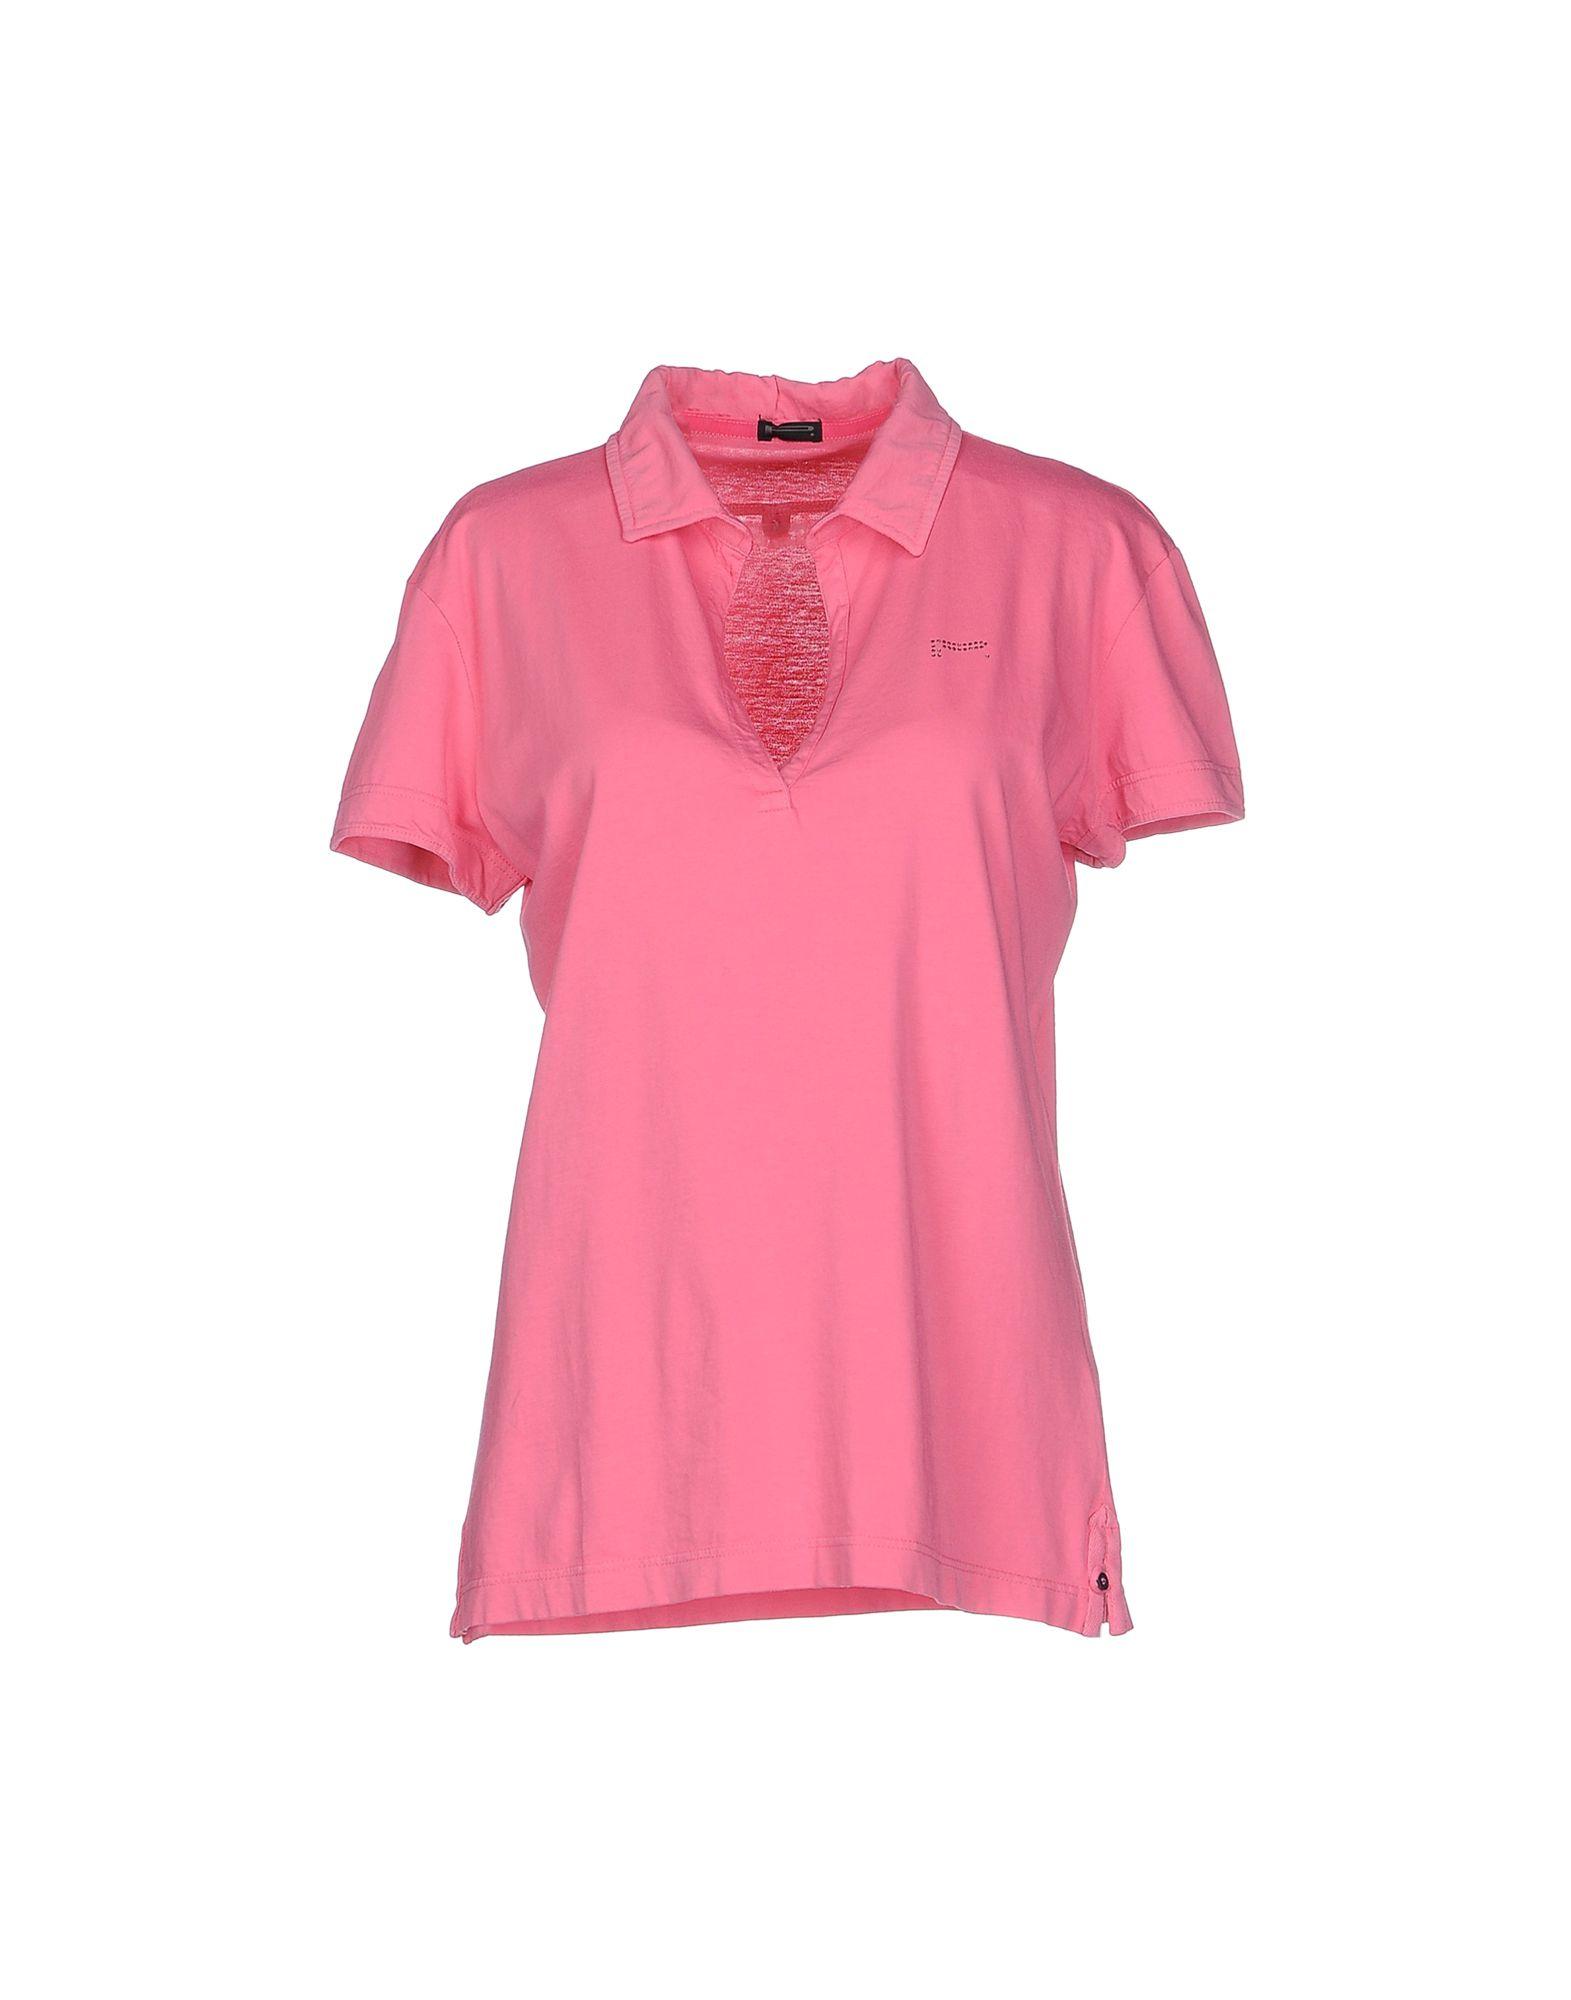 PIRELLI PZERO T-shirts